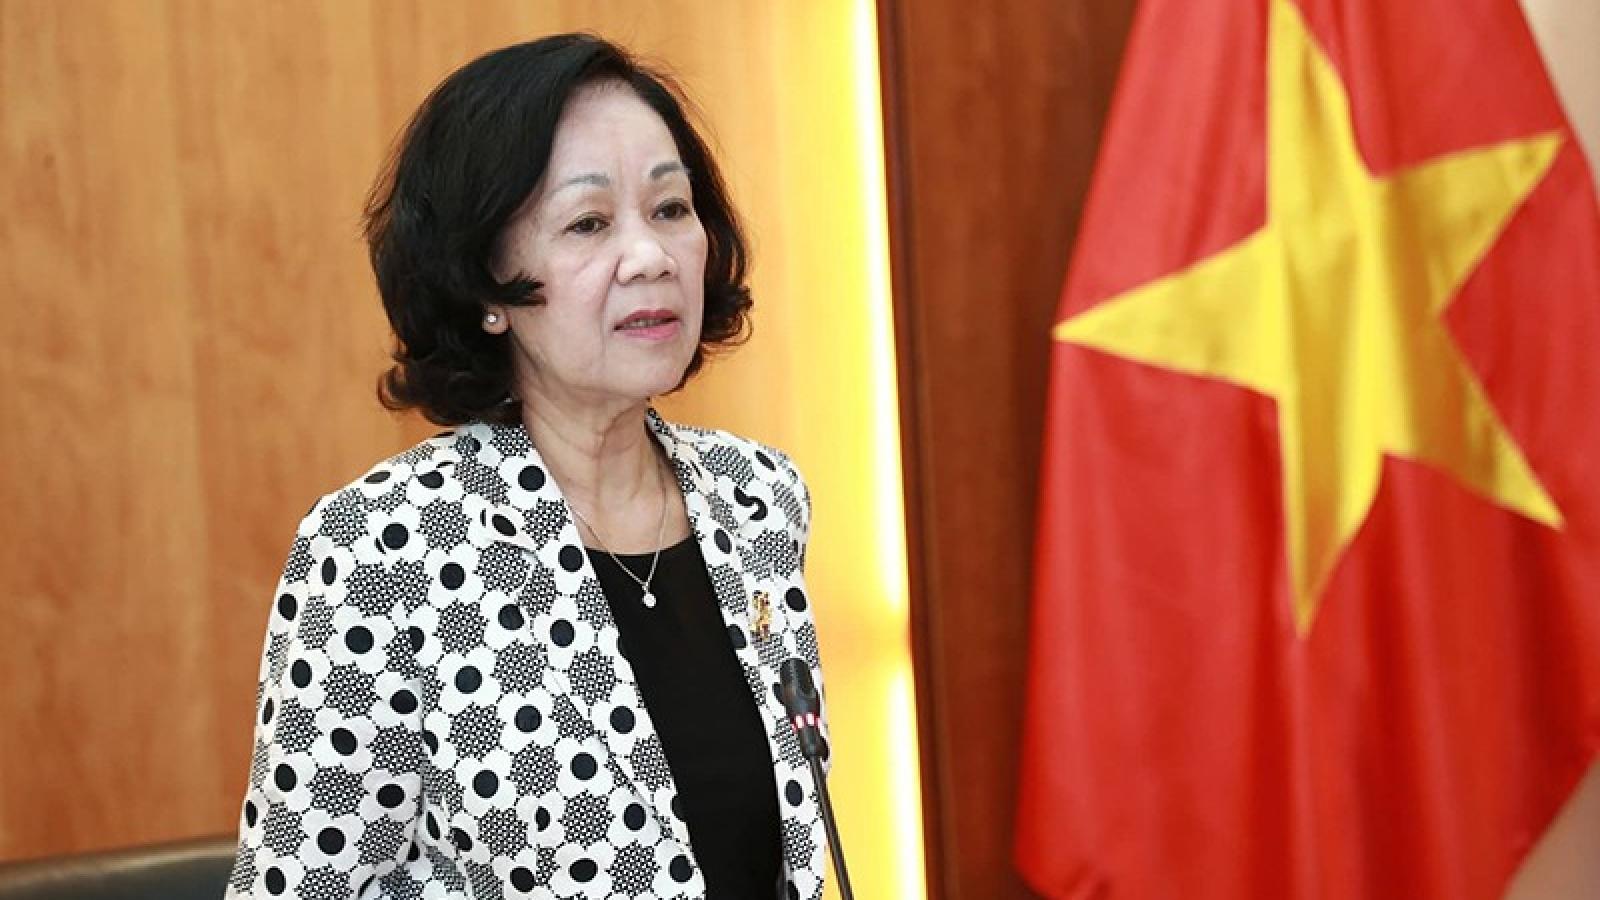 Bà Trương Thị Mai làm việc về Quy chế dân vận của Hệ thống chính trị